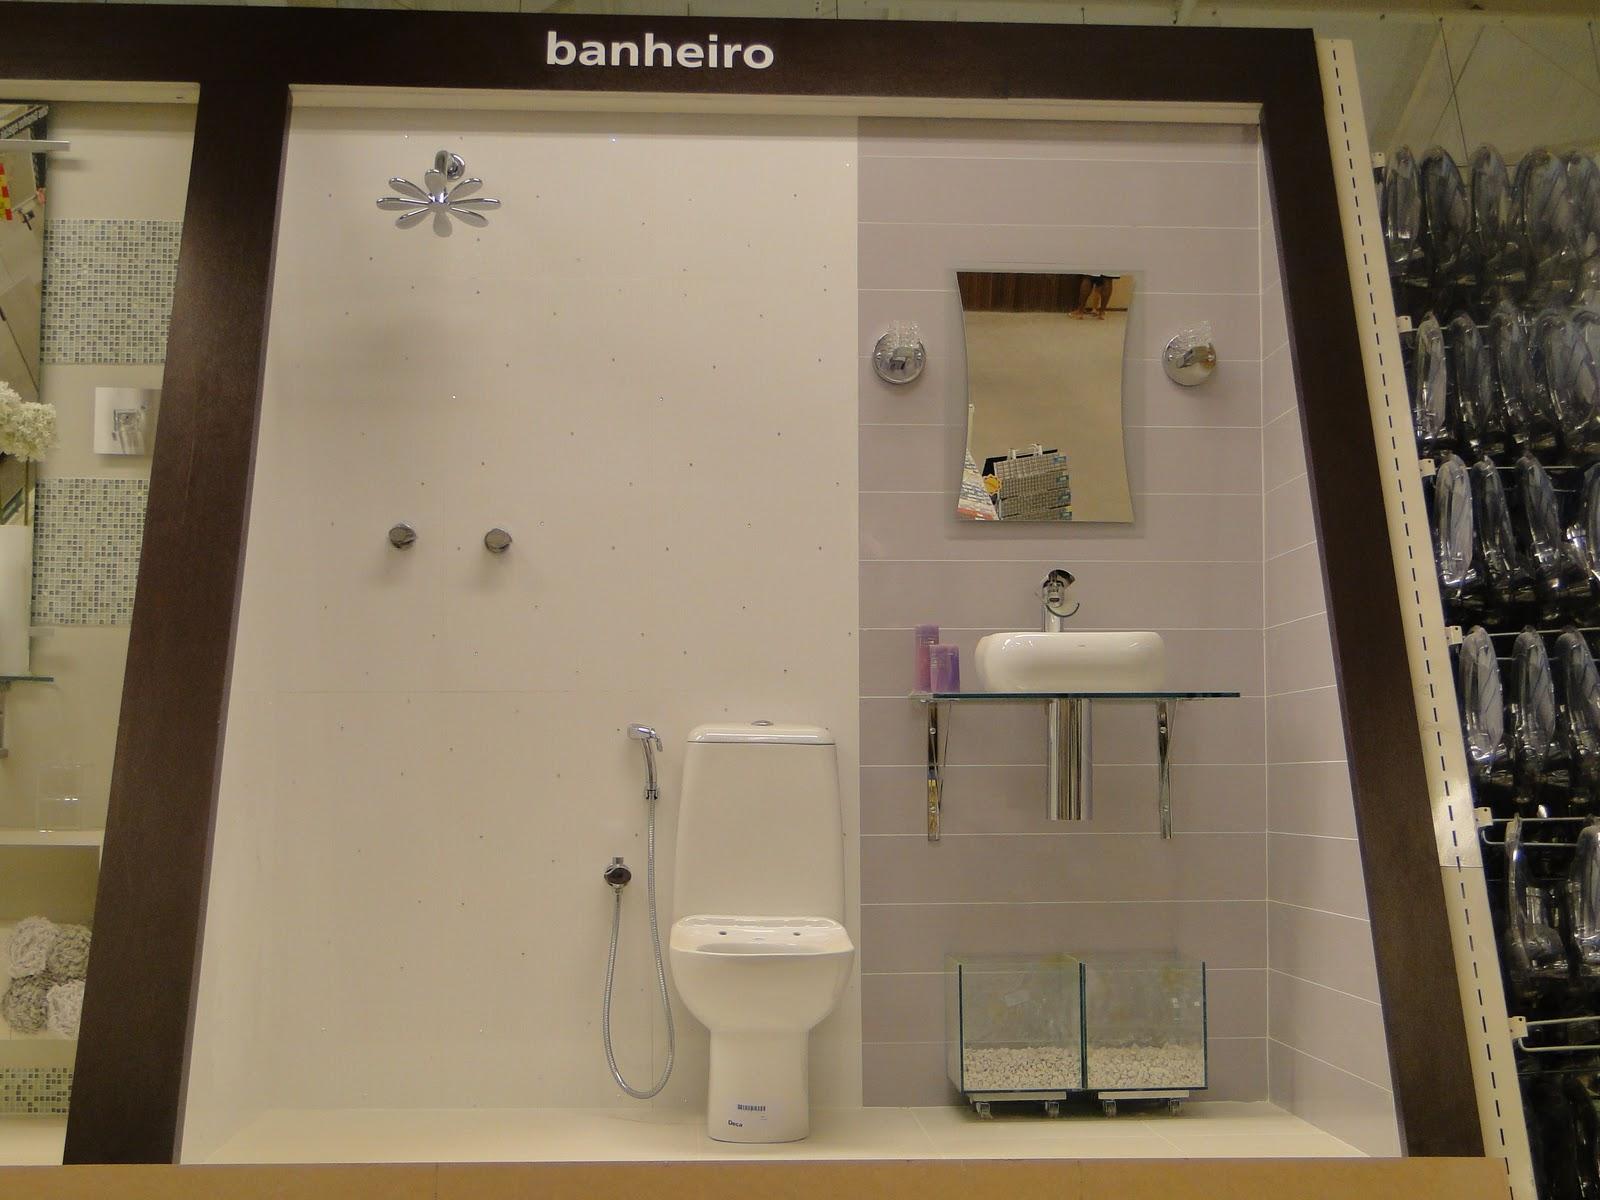 Eu fui um dos profissionais convidados. Criei para a loja o Banheiro  #7C6943 1600 1200